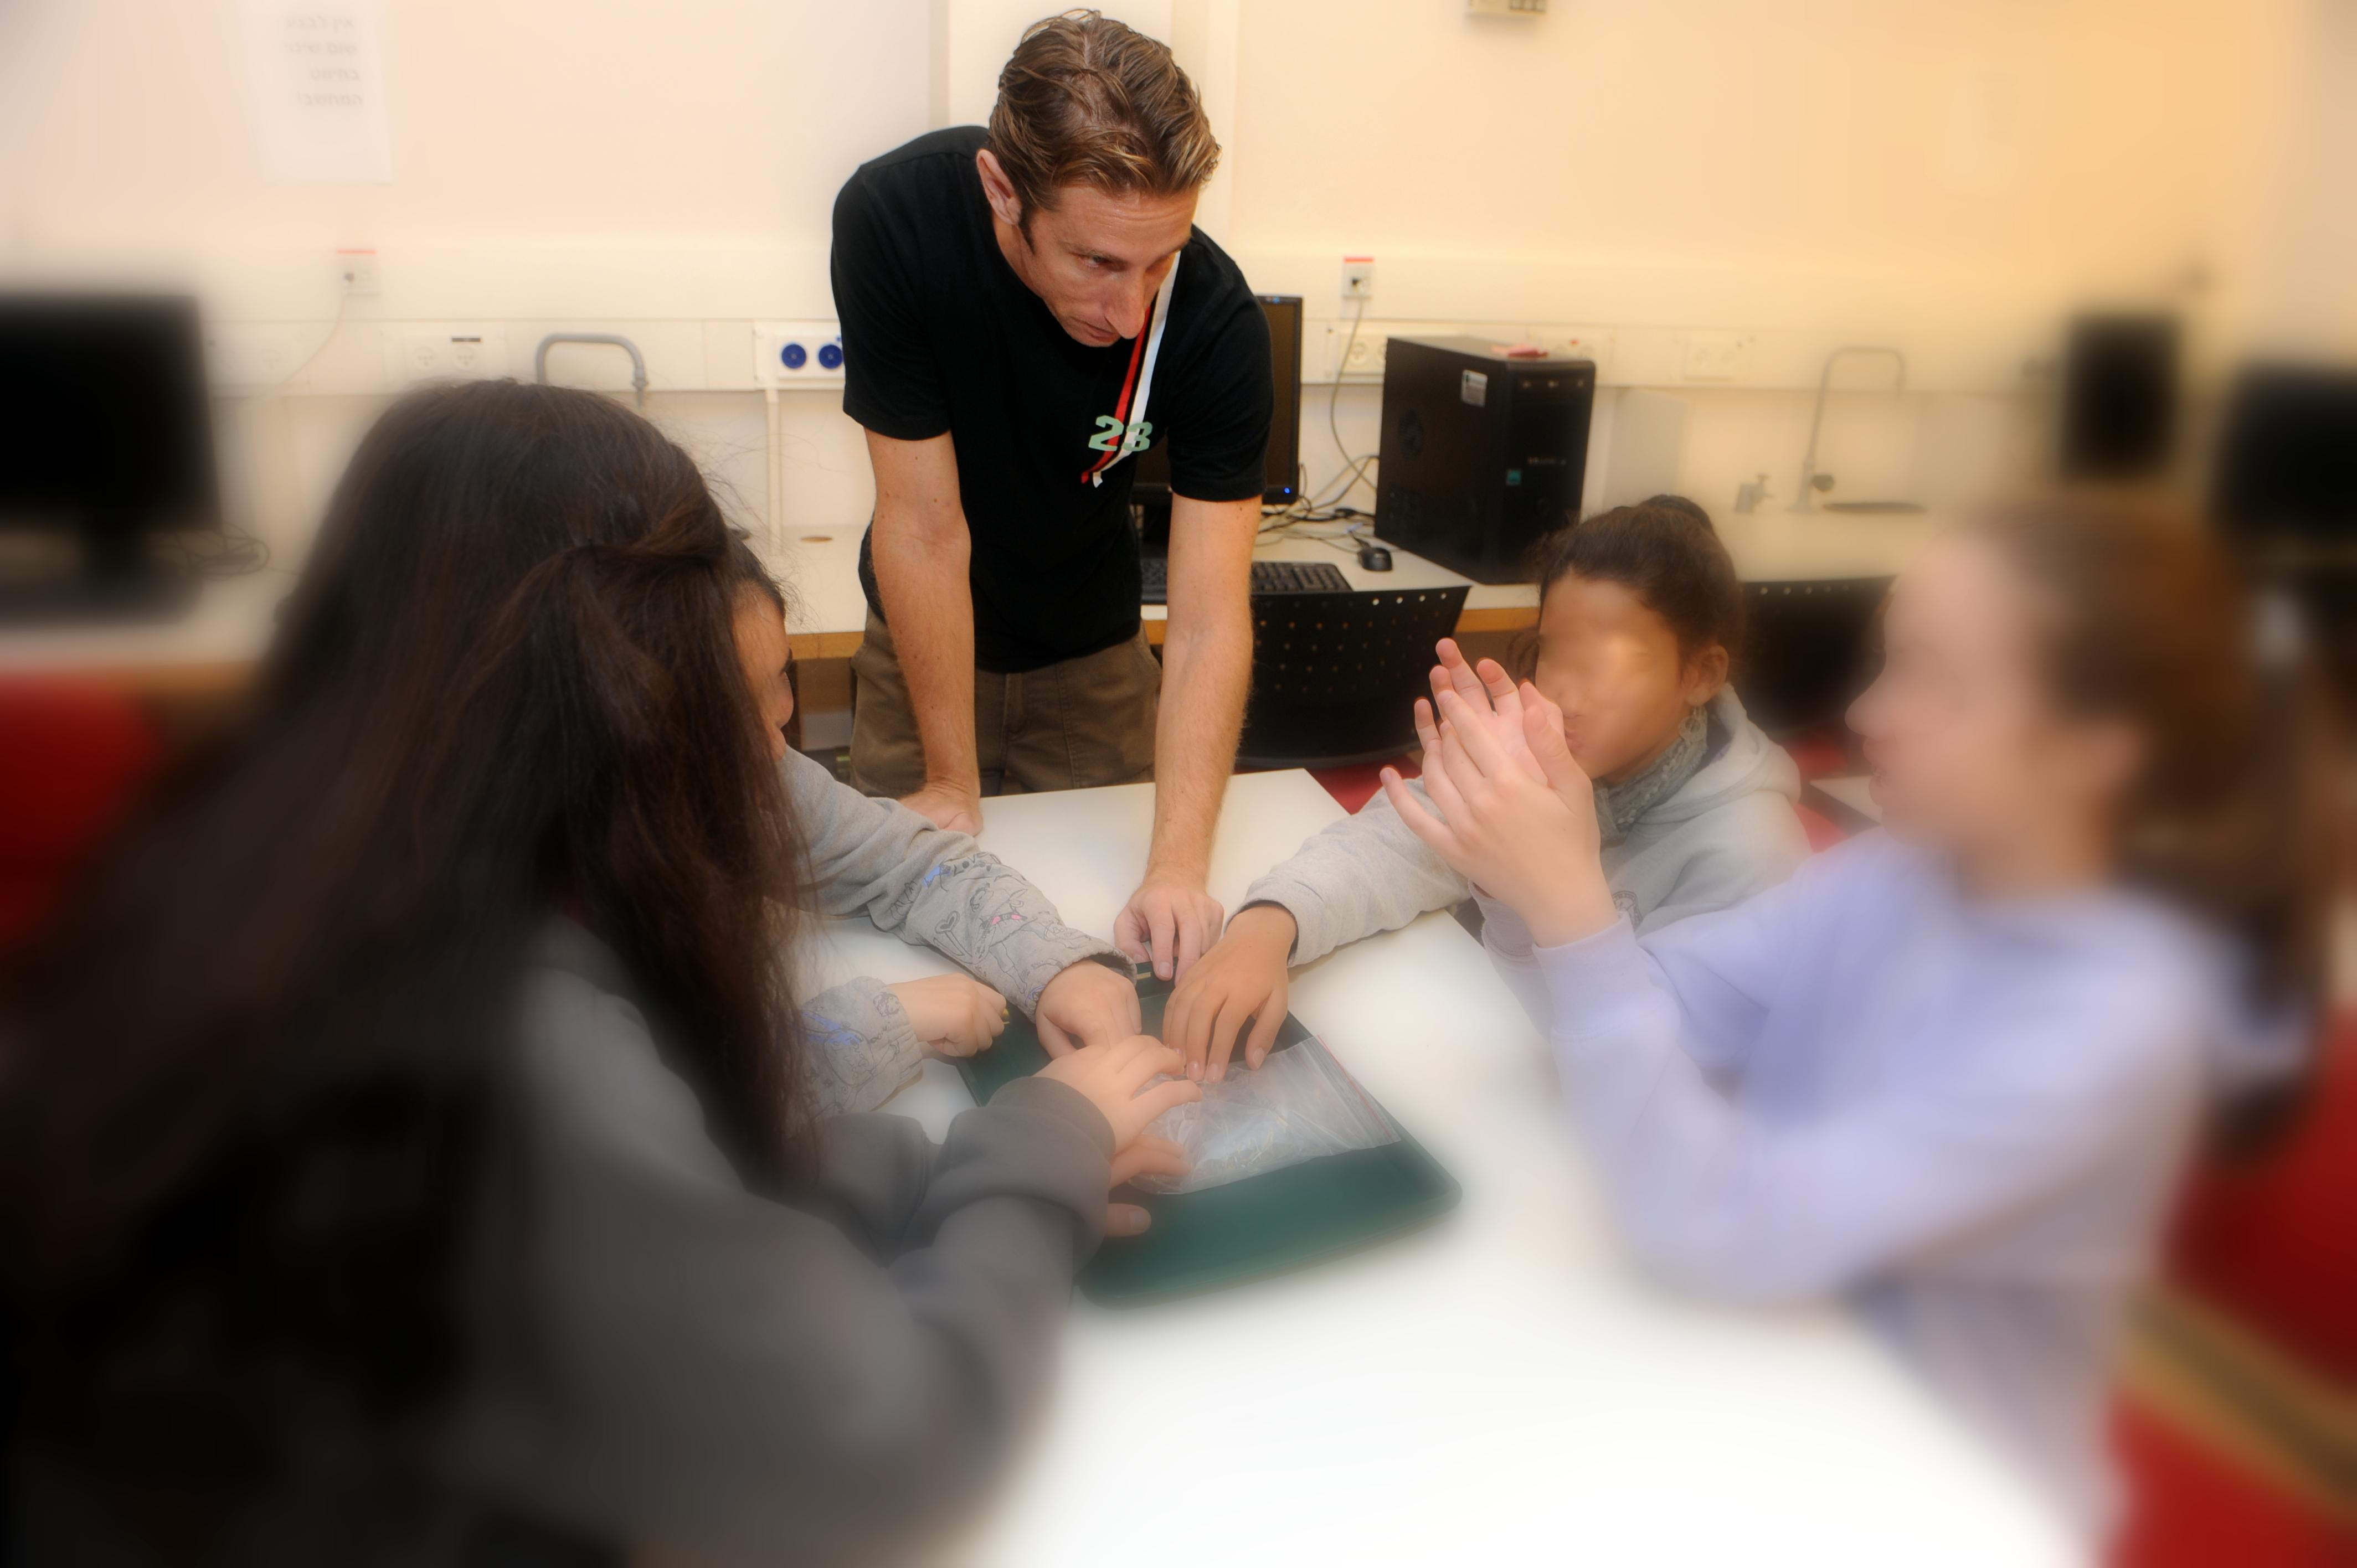 פעילות חקר לתלמידים - Students' inquiry activity